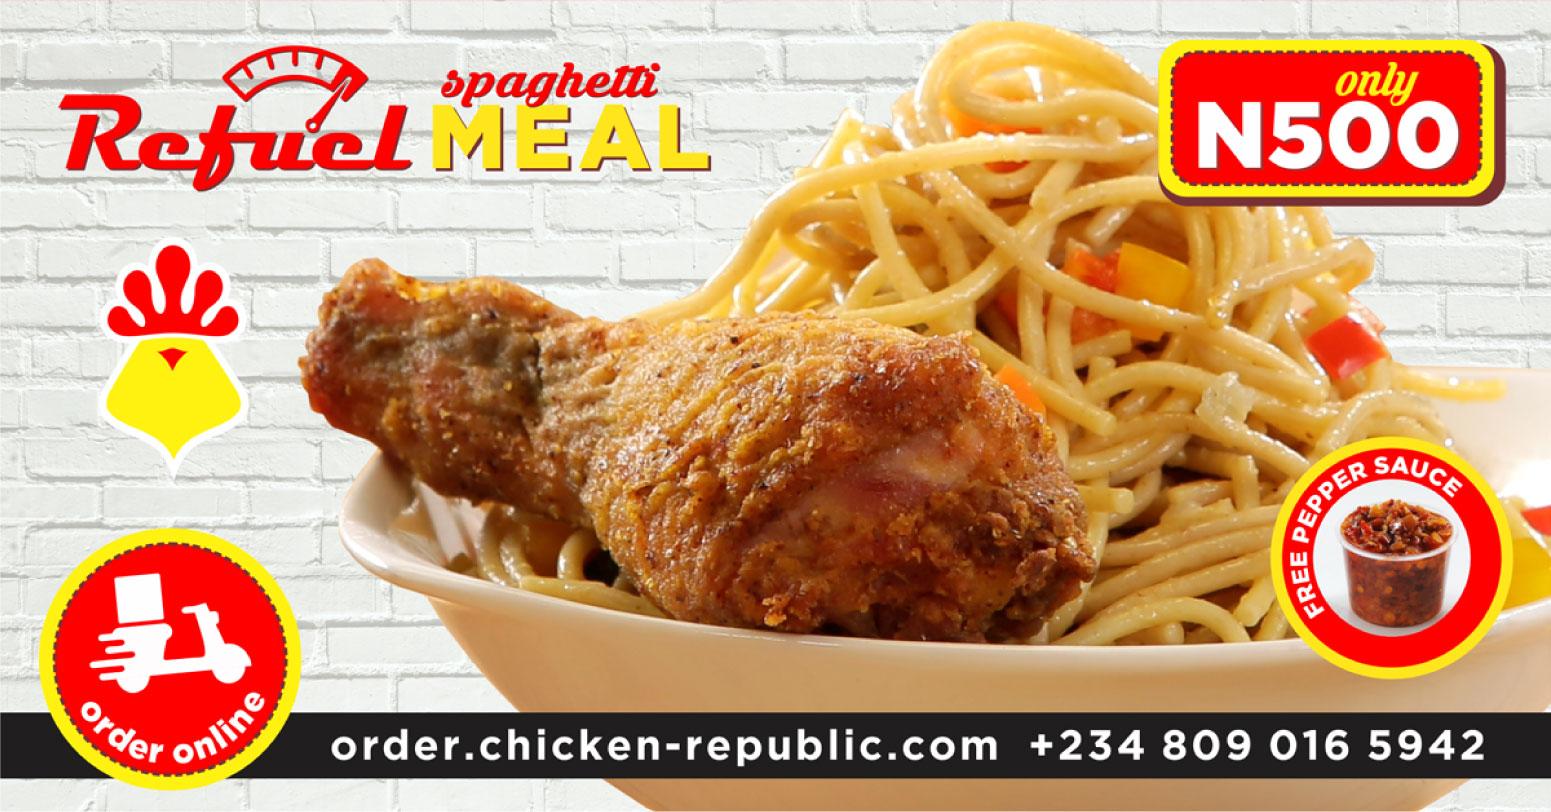 ChickenRepublic_RefuelSpaghetti